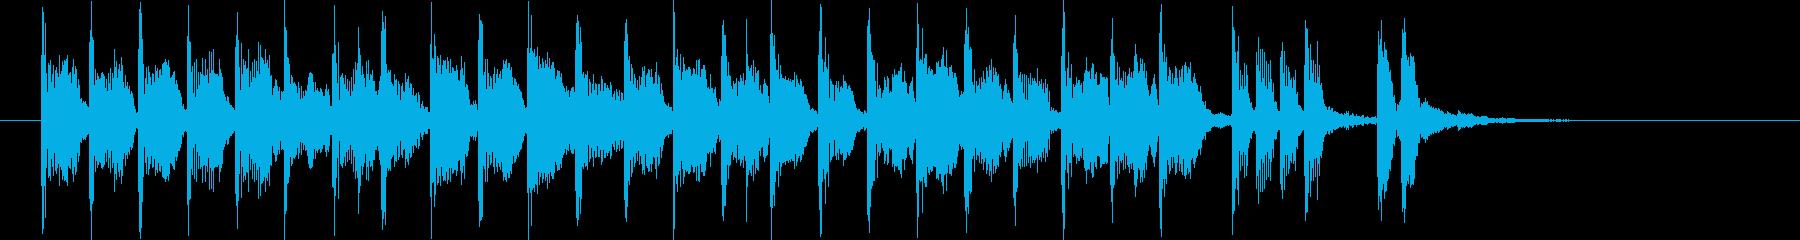 軽快で優しいシンセポップジングルの再生済みの波形